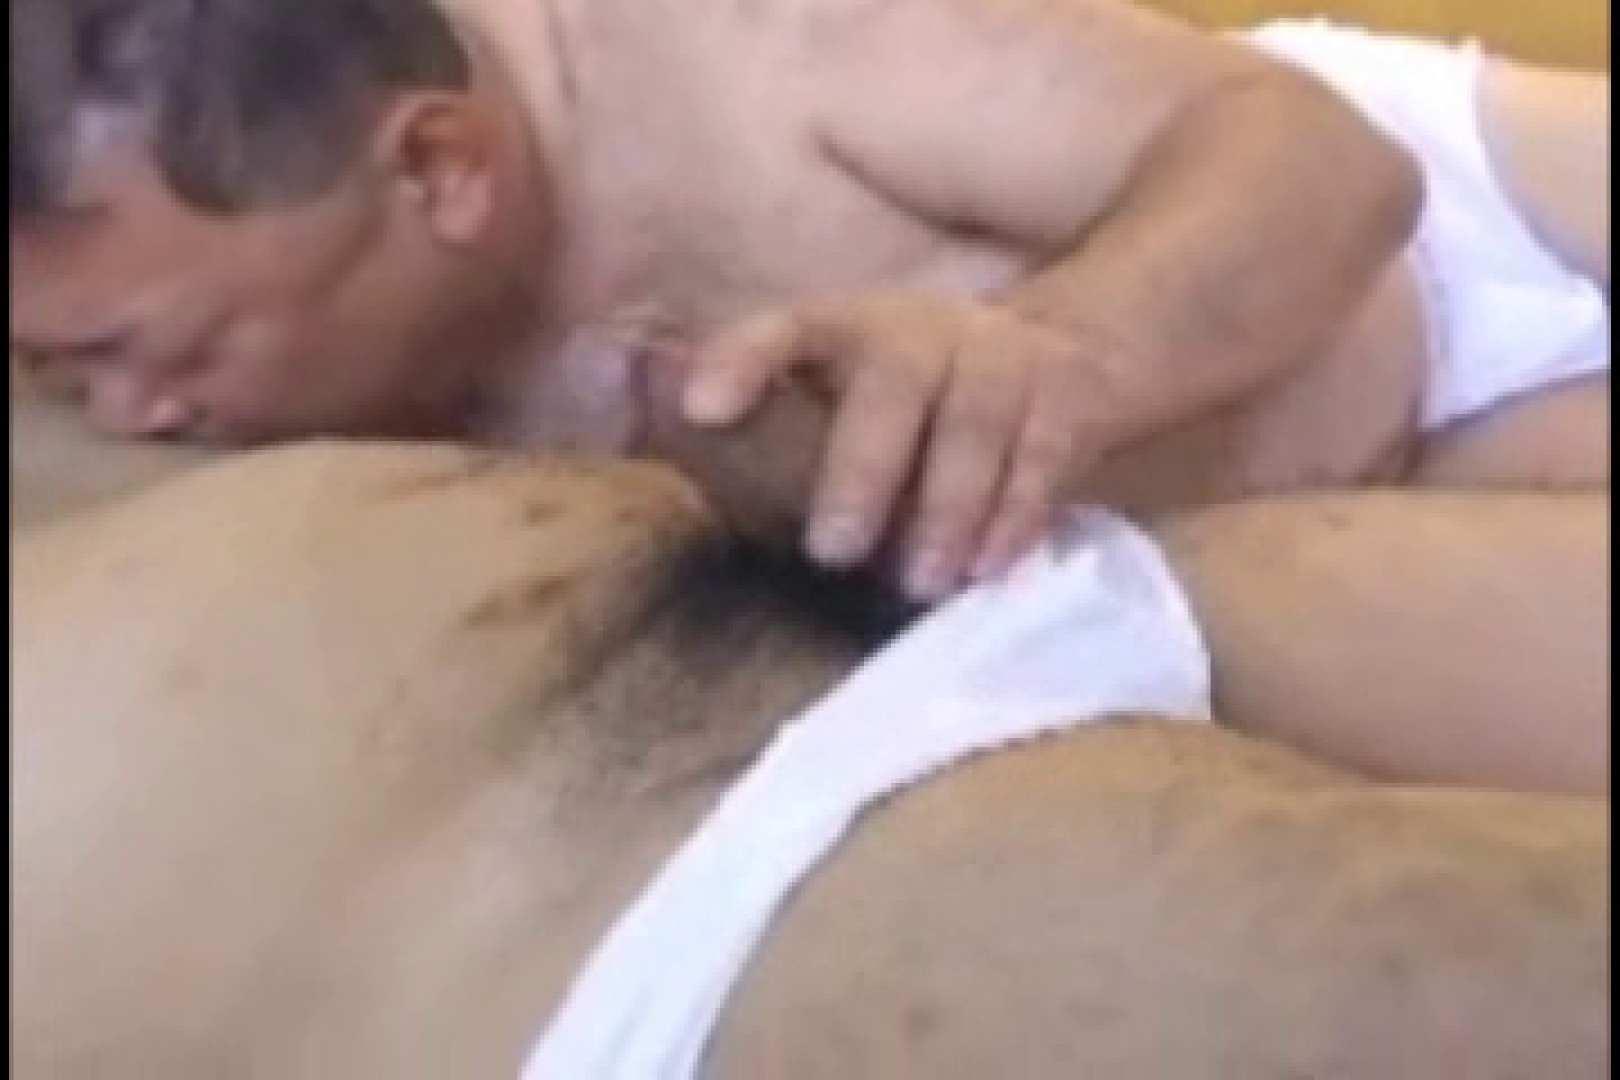 中年旦那の発情記 ゲイのオナニー映像   中年おじさん  99枚 58